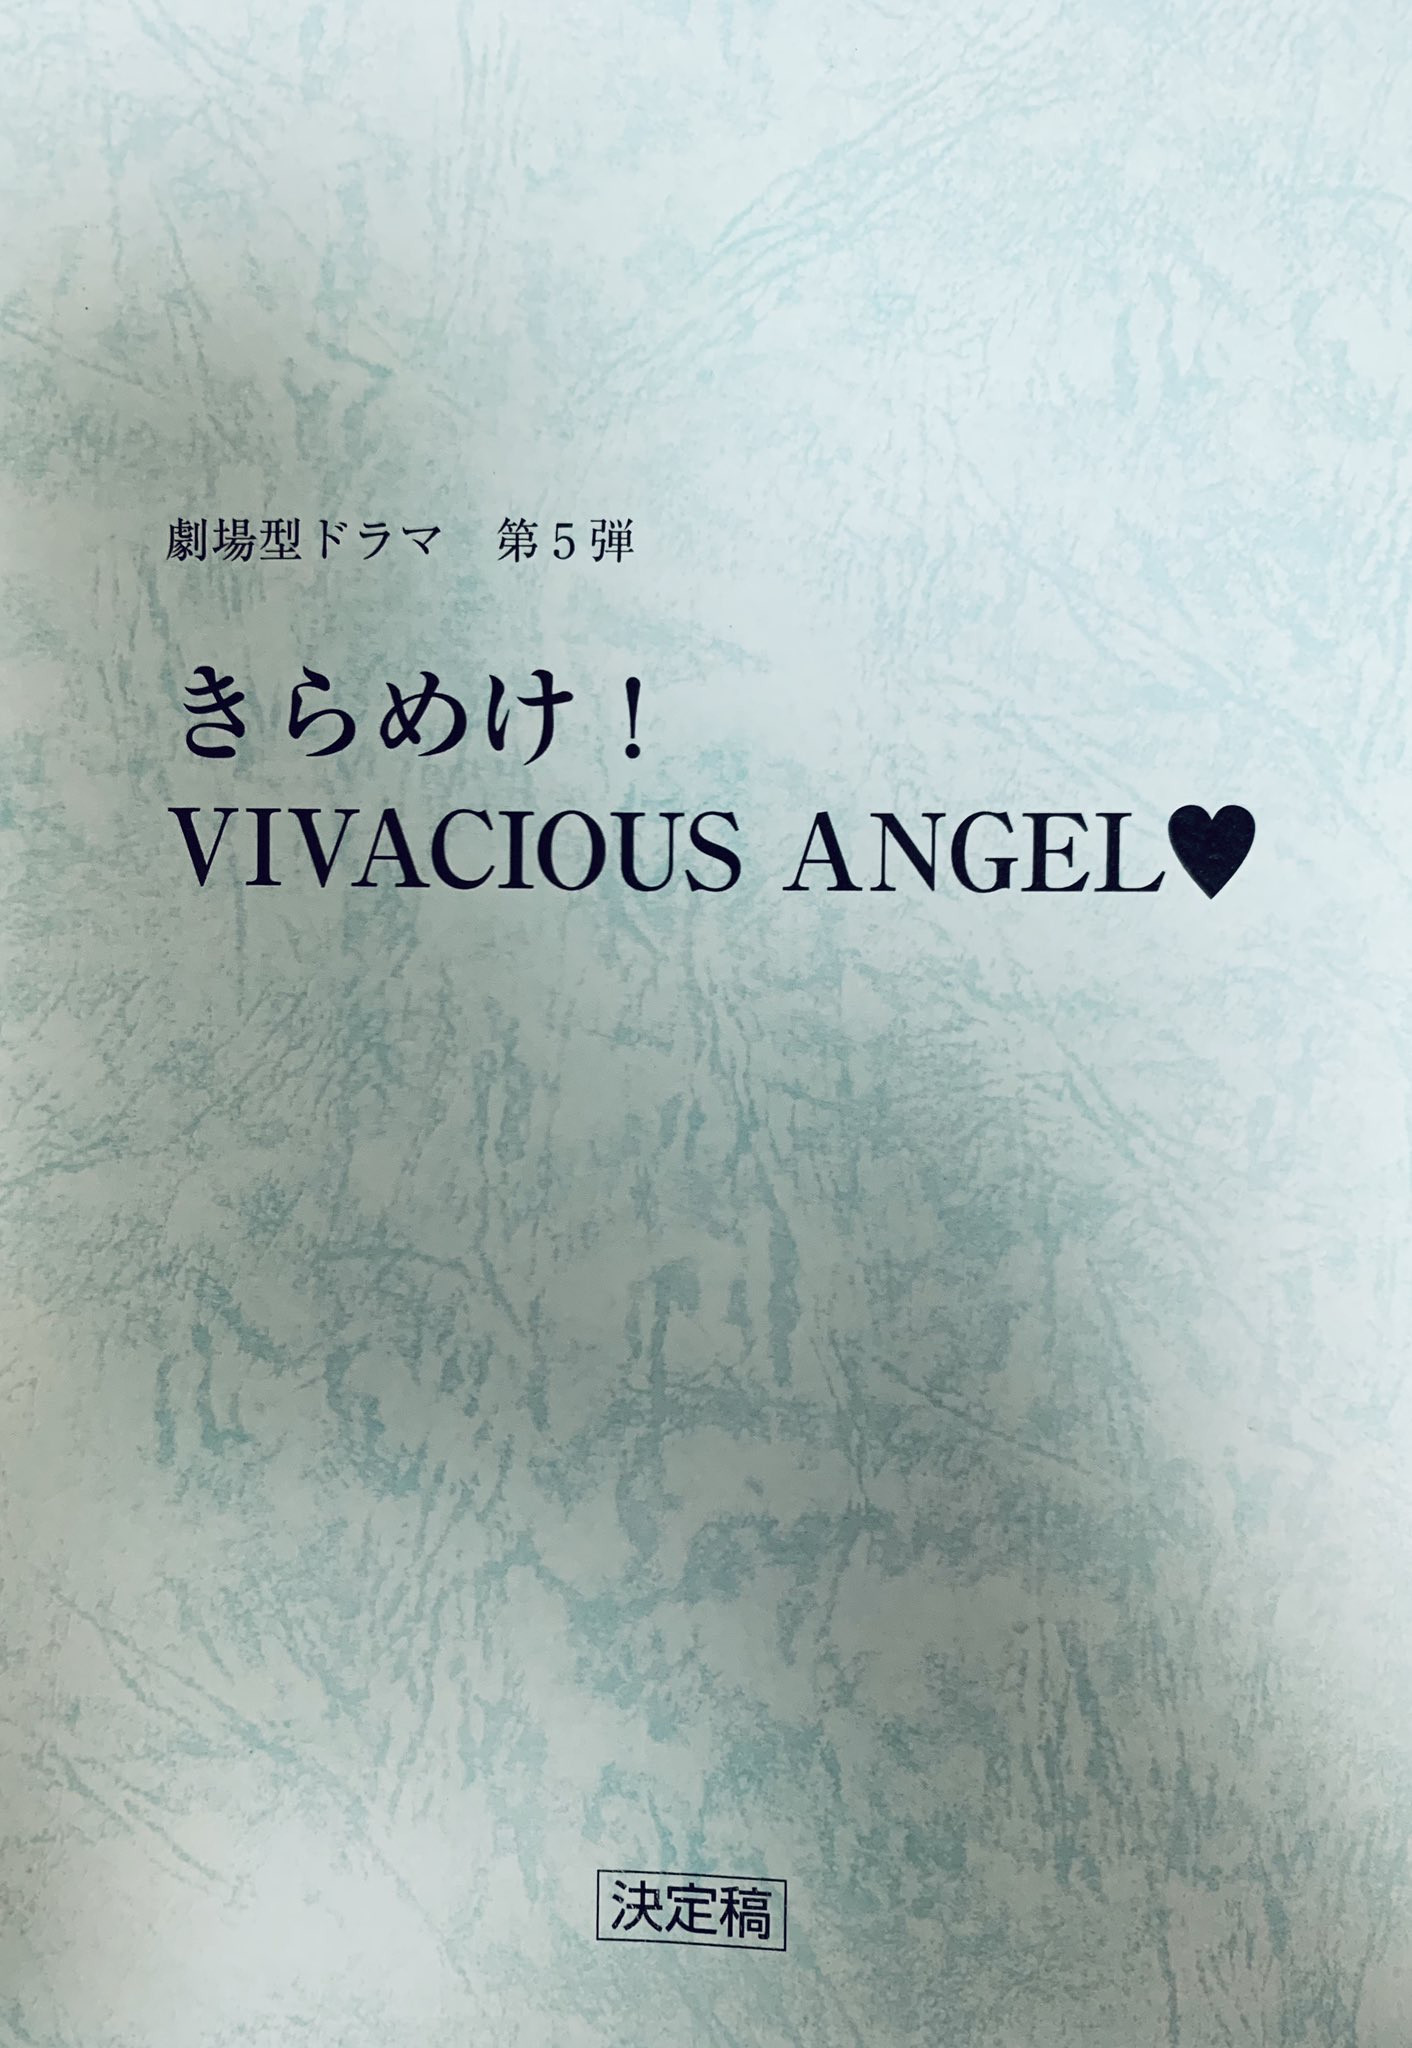 劇ドラ第5弾『きらめけ!きらめけ!VIVACIOUS ANGEL♡』実況中継配信!